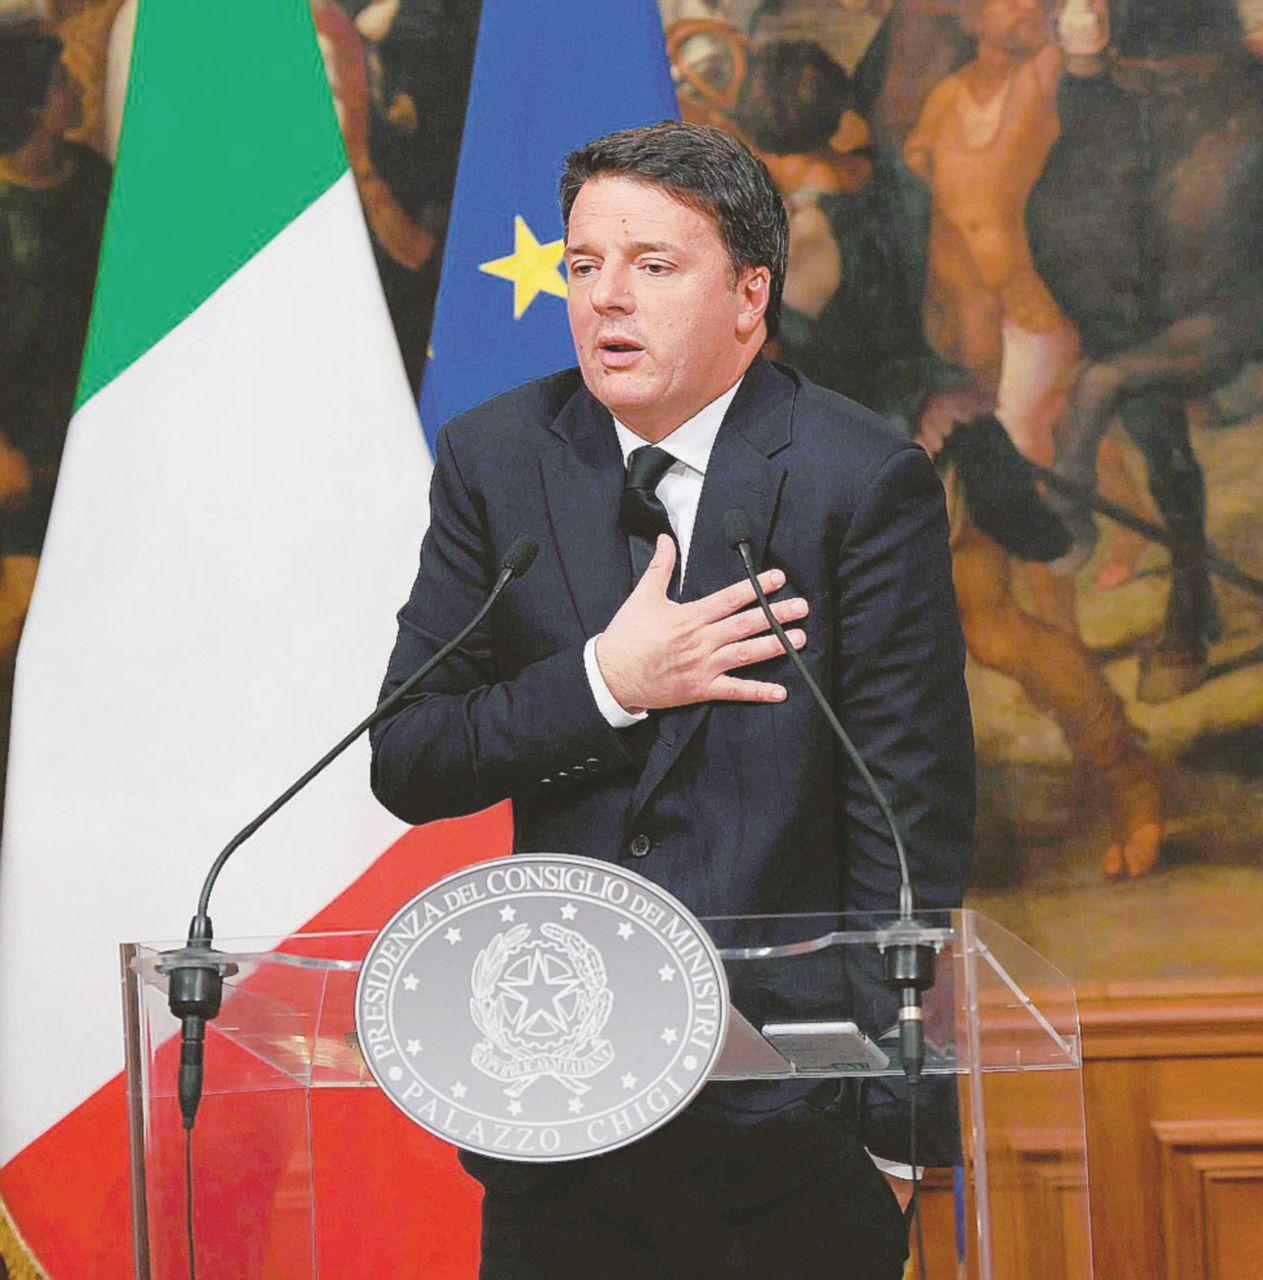 La festa triste: Renzi, 1000 giorni e tanta paura